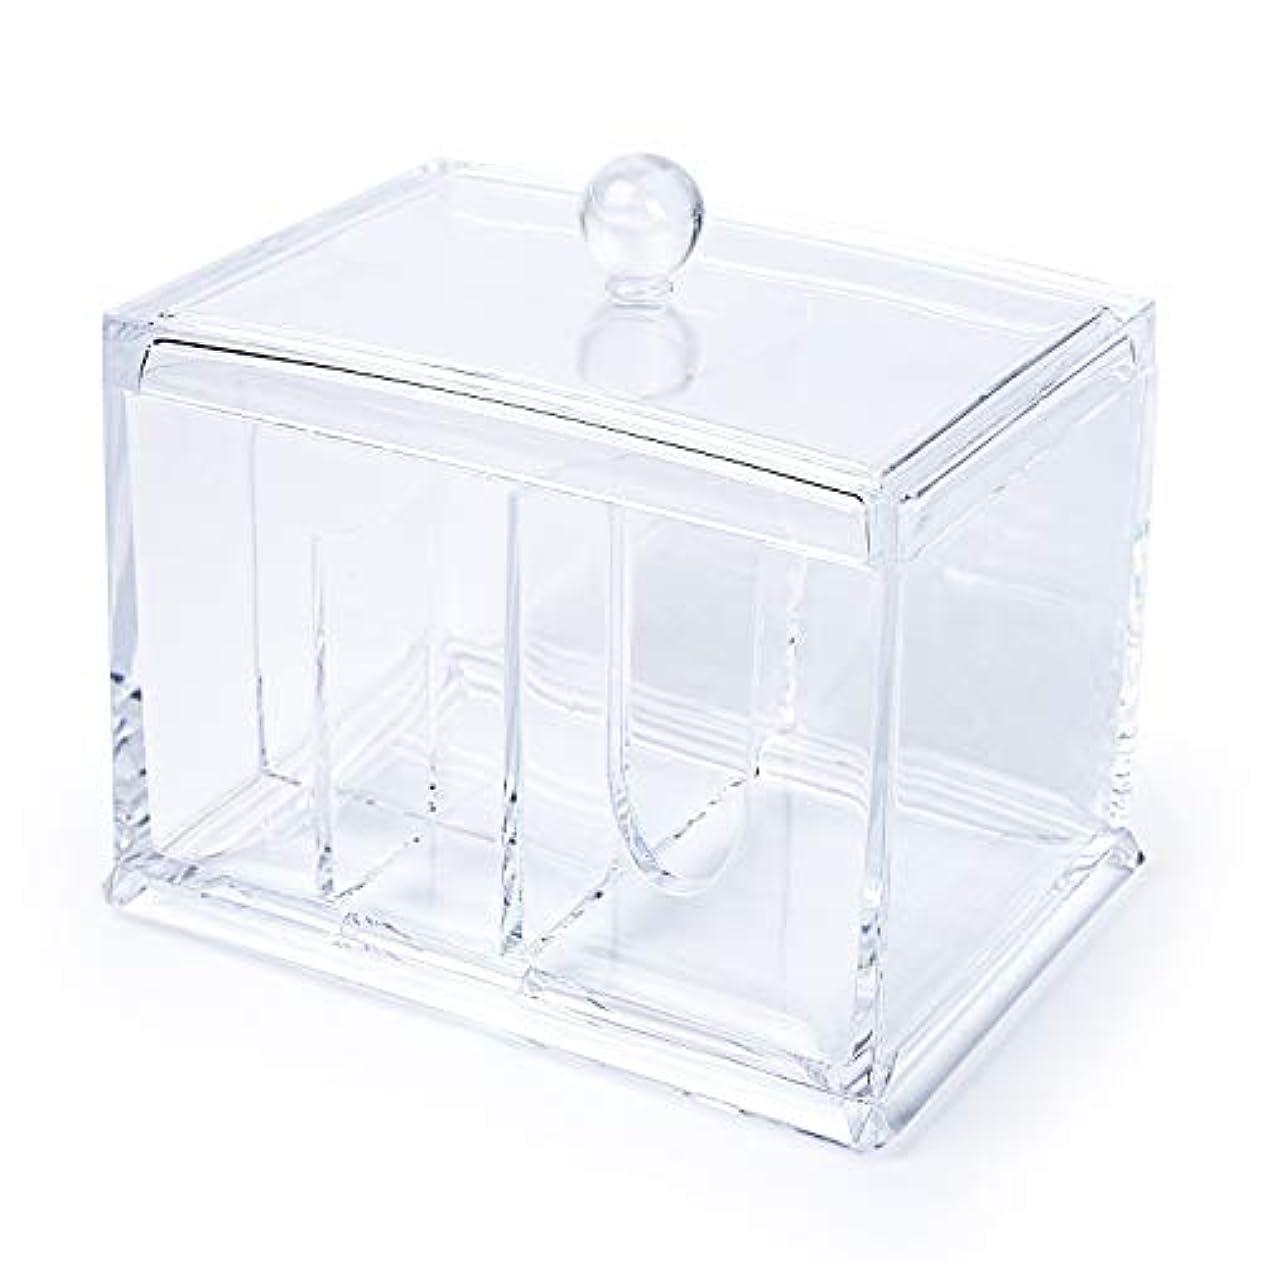 ポインタ転用ホームELOKI 収納ボックス アクリルケース 収納ボックス 綿棒 小物?コスメ小物用品収納 ジュエリーボックス アクセサリー 透明 防塵?蓋付き アクリル製